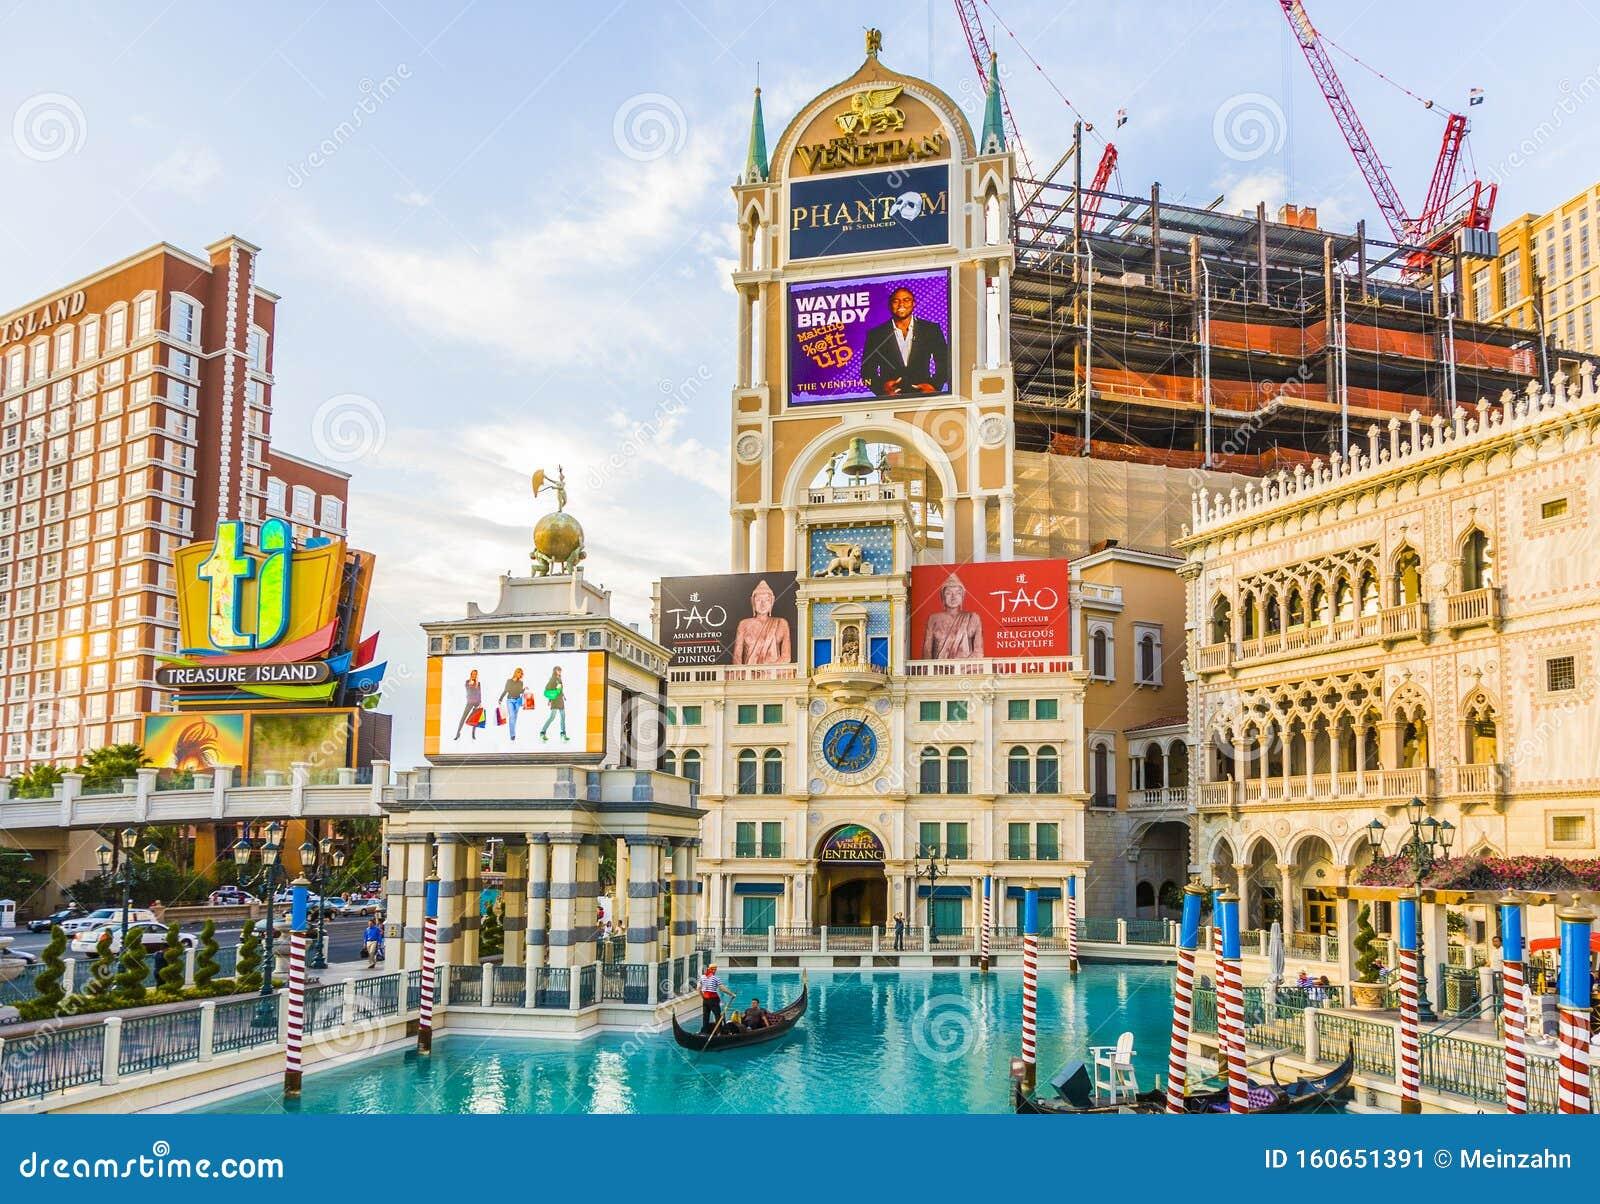 Venetian hotel and casino careers motherload 2 full game